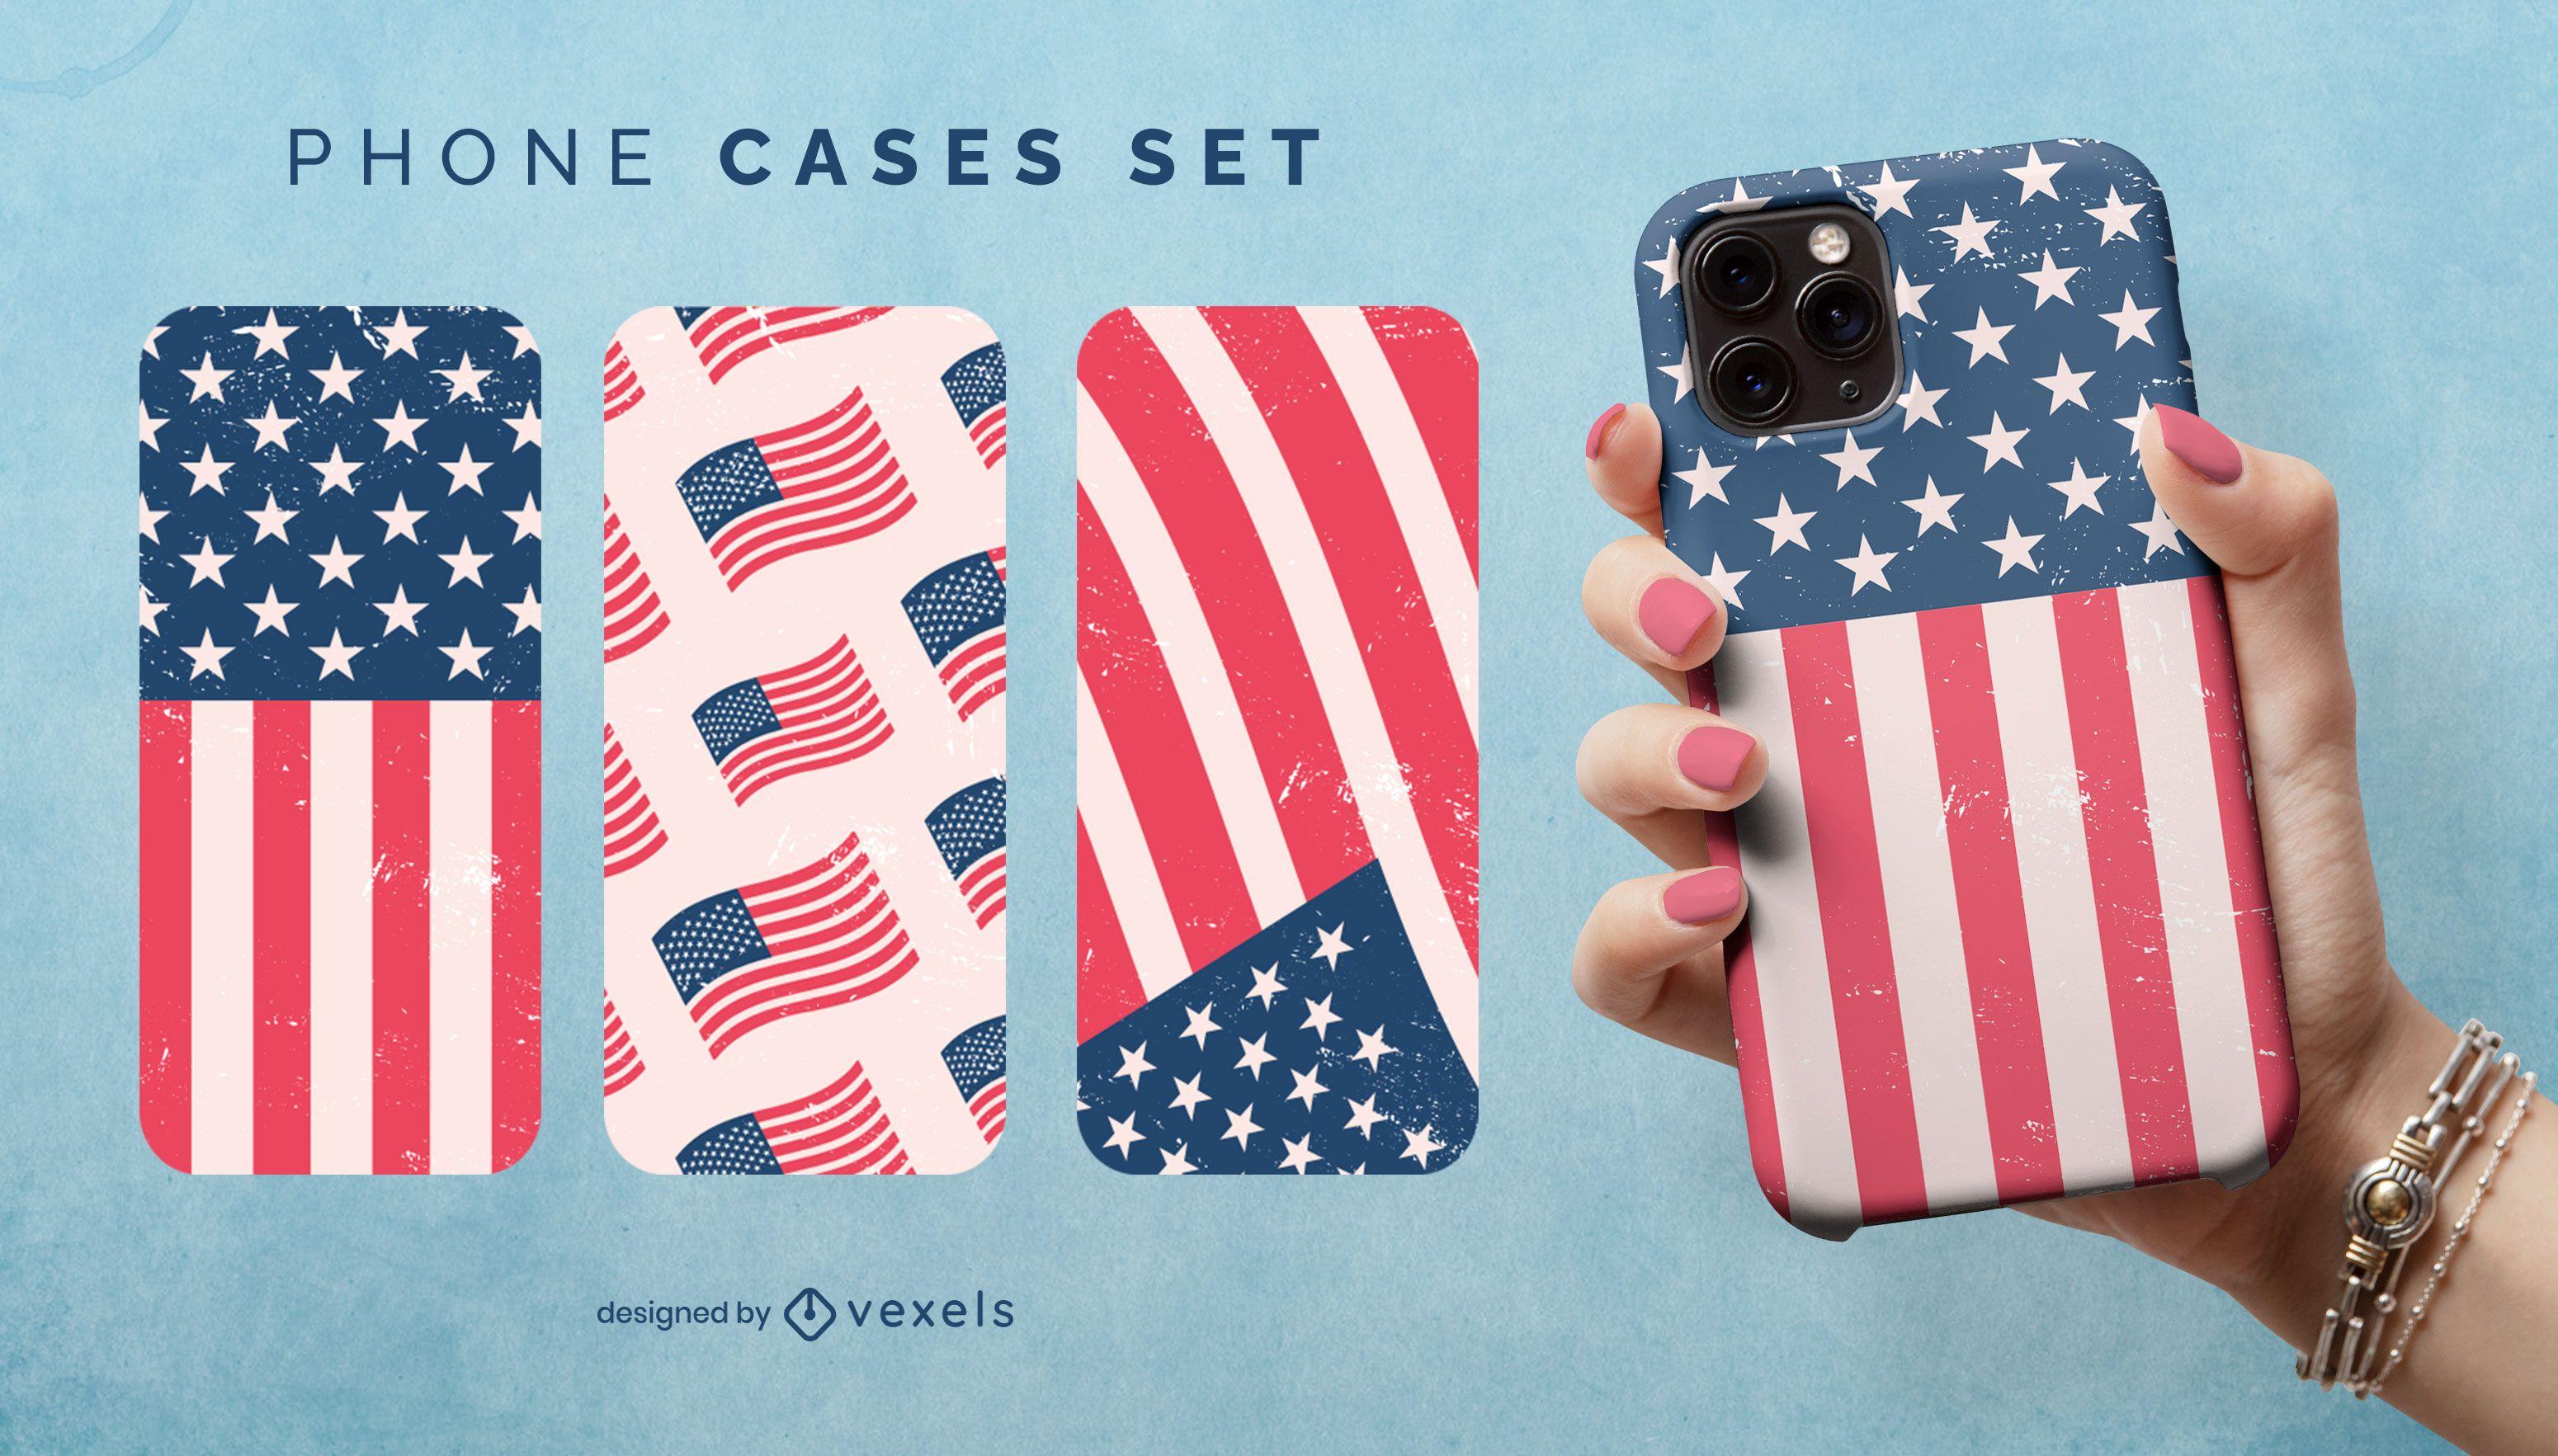 Telefonhülle mit US-Flagge eingestellt